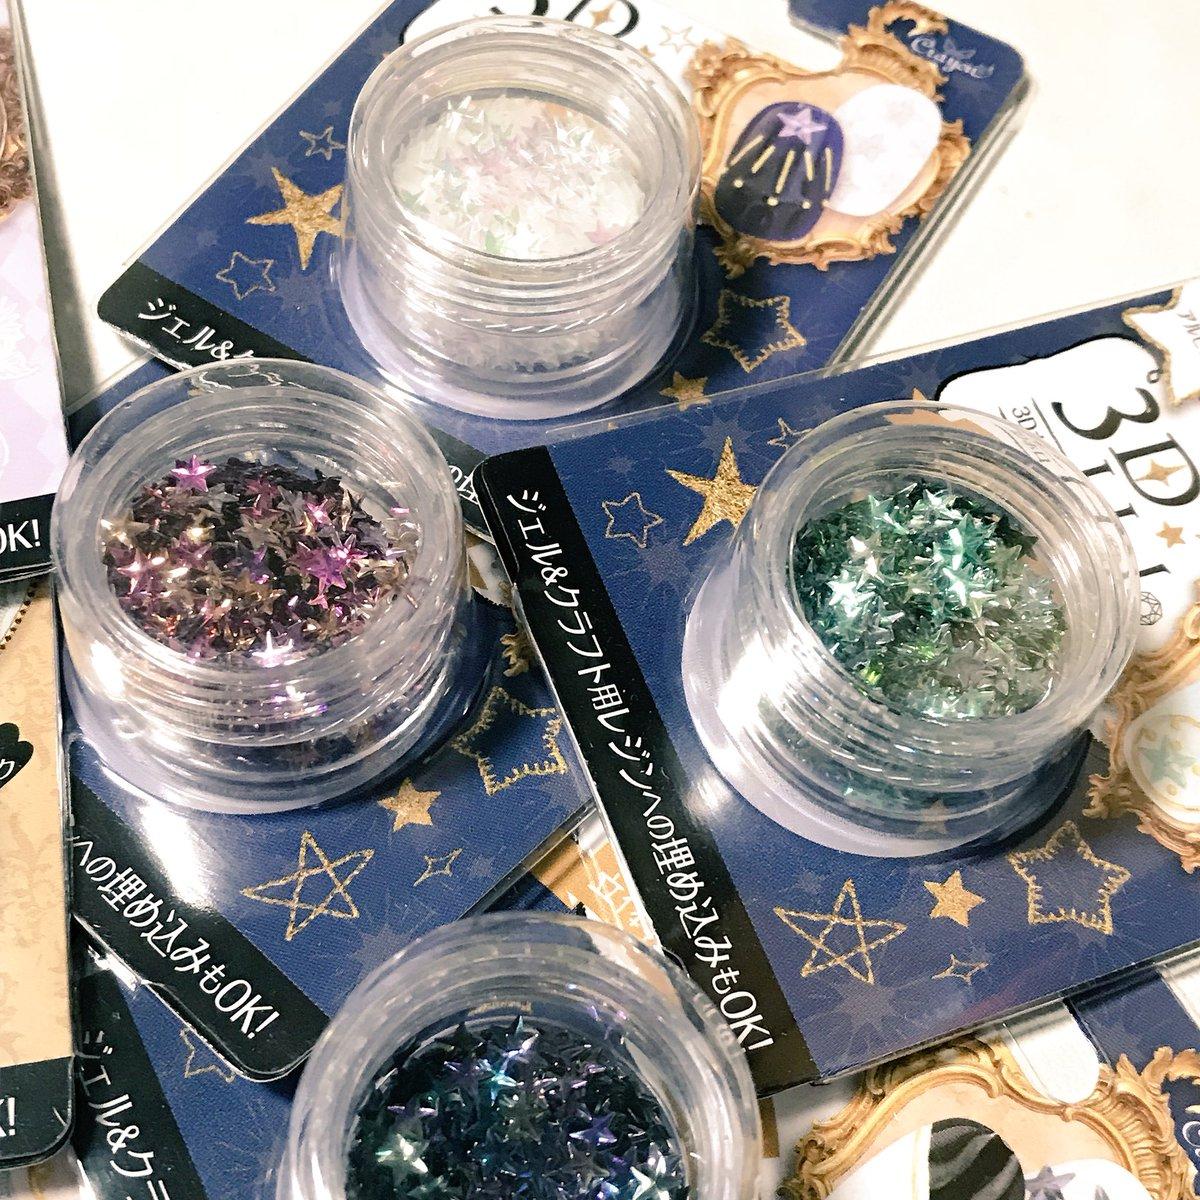 test ツイッターメディア - キャンドゥでまた新しく見つけたパーツ。 めっちゃ可愛いし、お買い得! オーロラカラーのシャボン玉みたいなガラスとか本当に100円で良いのかな?って思って沢山買っちゃった。 星型のホログラムとかも凄く可愛い????  #ハンドメイドおすすめ #レジンおすすめ #キャンドゥ https://t.co/0GFITlnQ2M